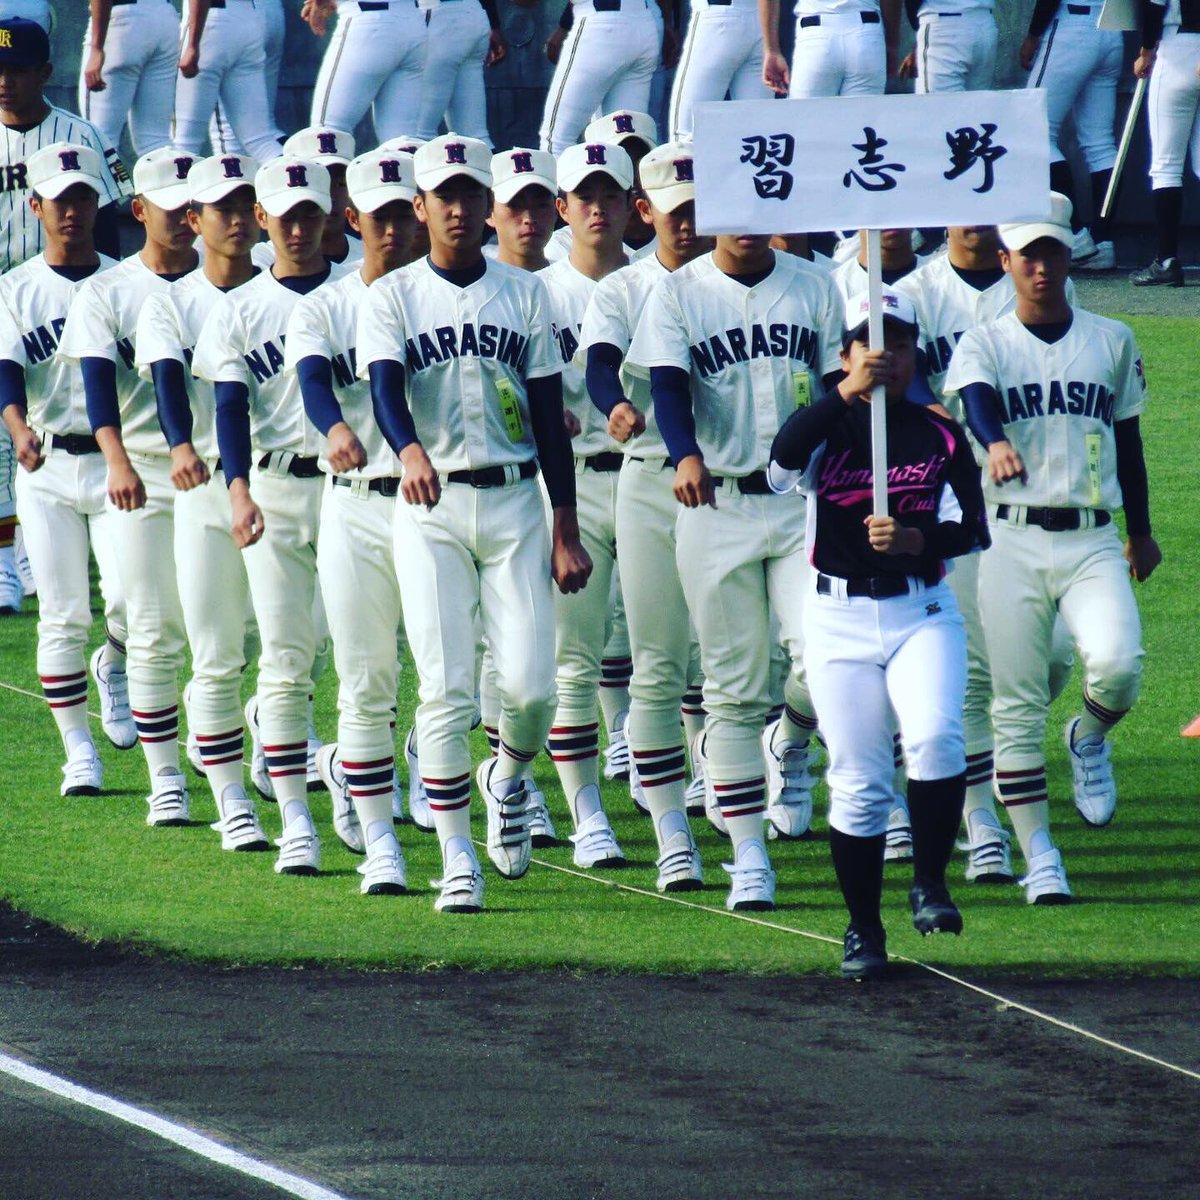 高校 部 習志野 野球